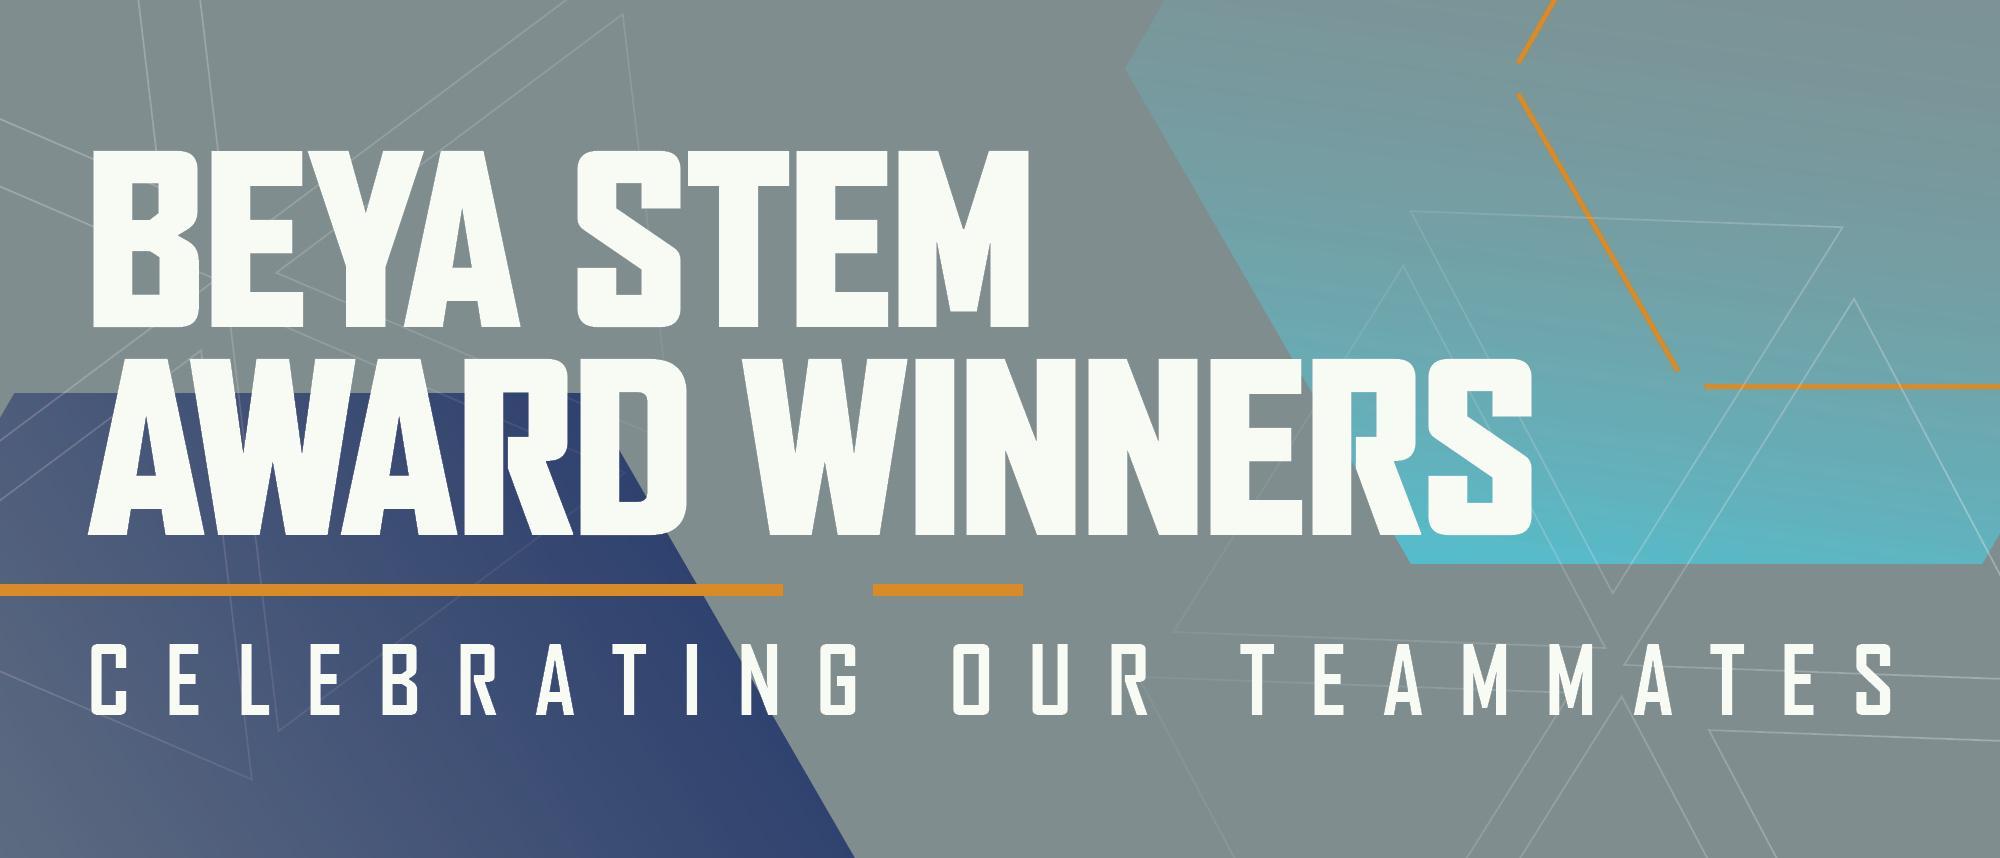 BEYA STEM AWARD WINNERS